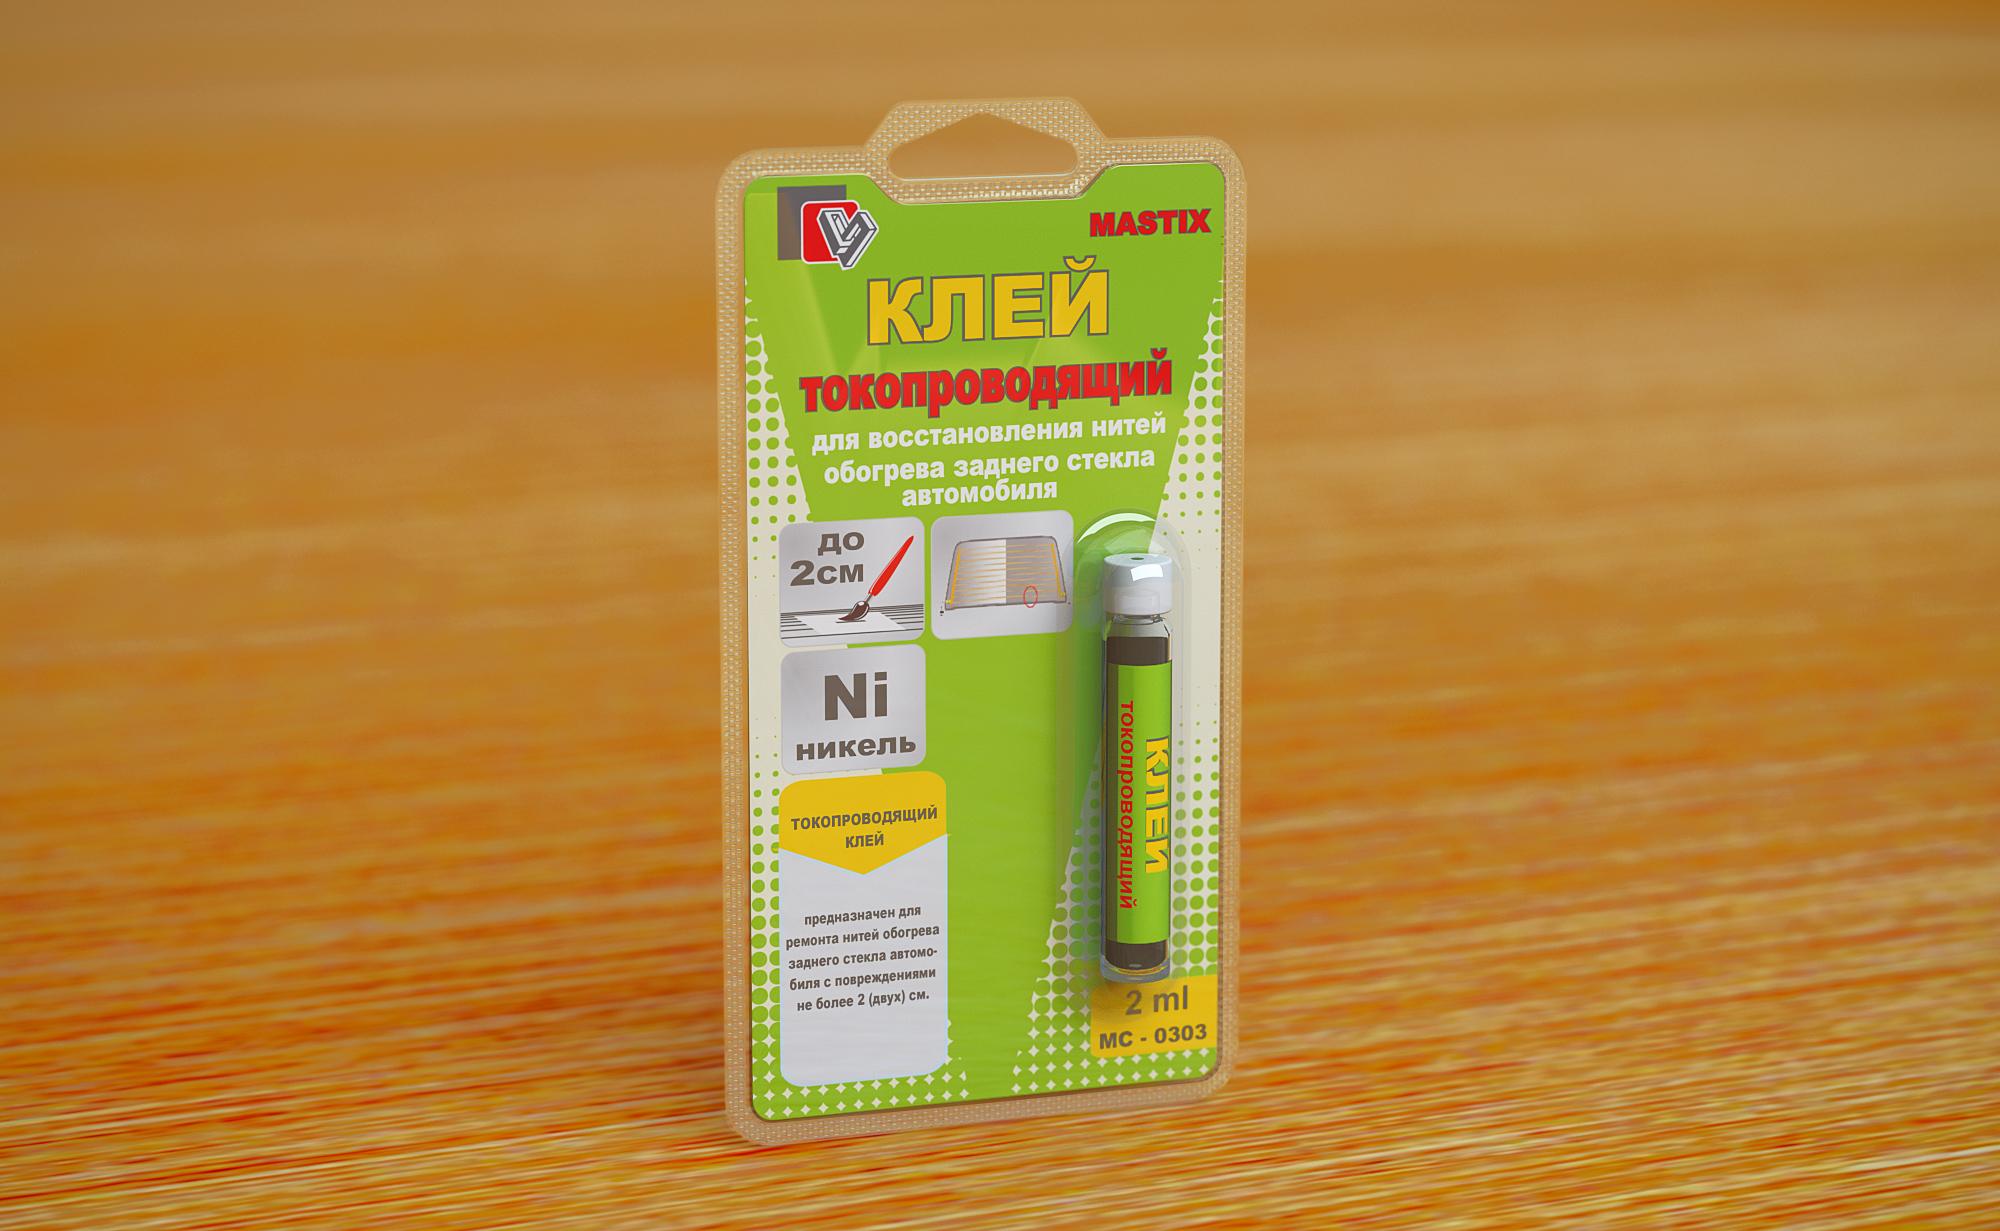 mastix токопроводящий клей отзывы